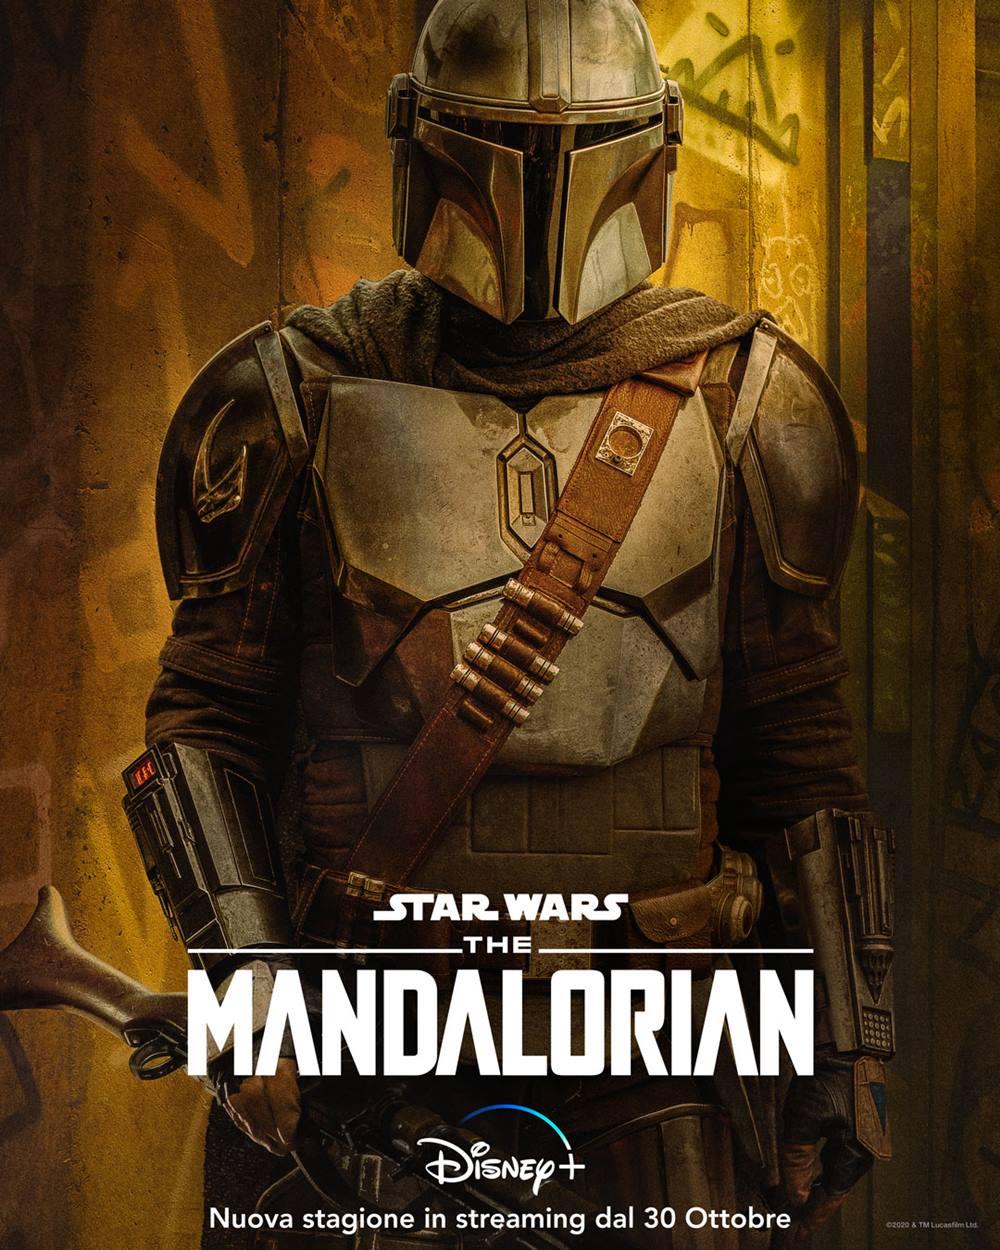 The Mandalorian 2 i poster dei personaggi